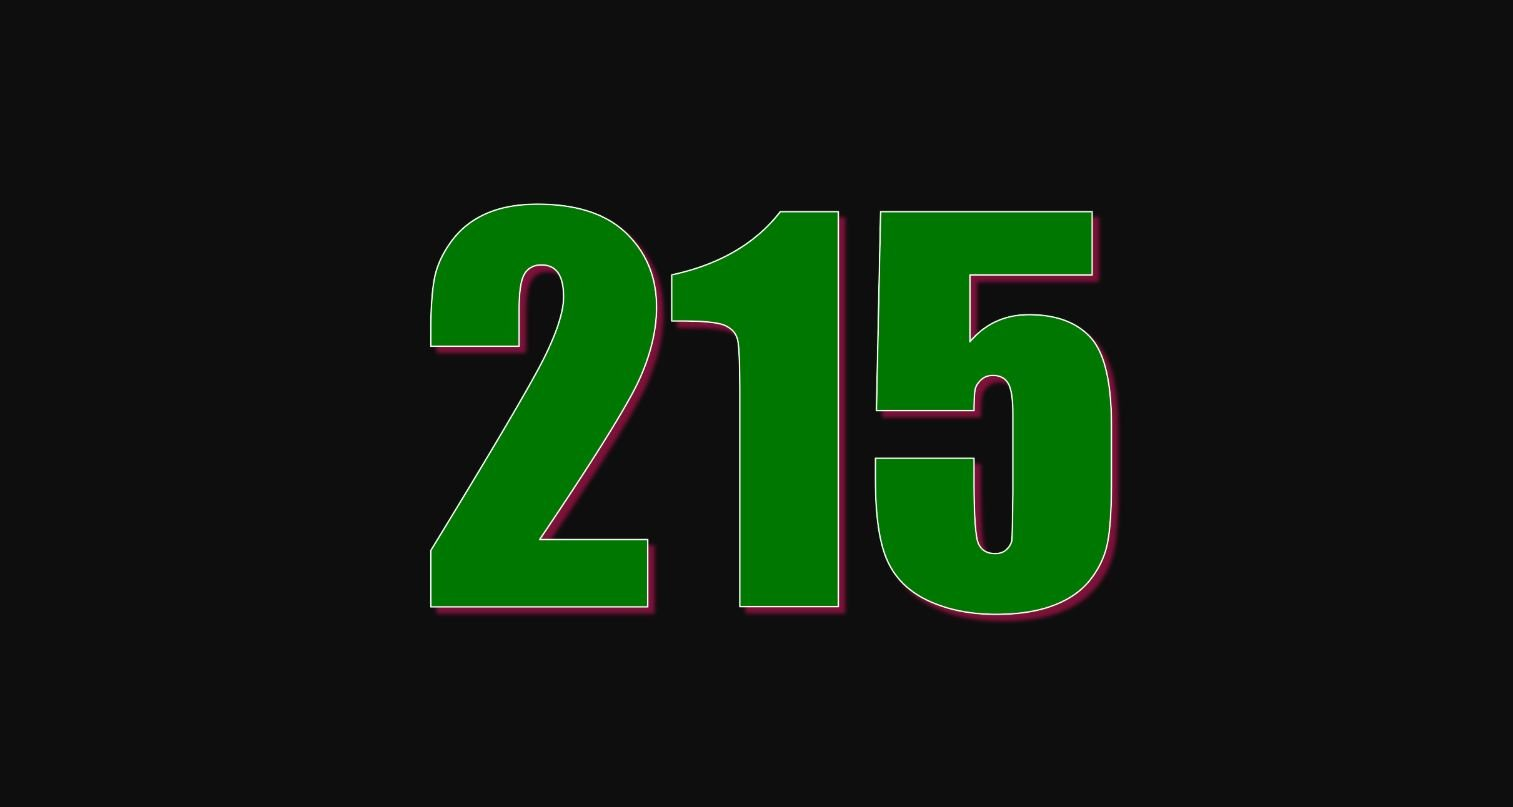 Die Bedeutung der Zahl 215